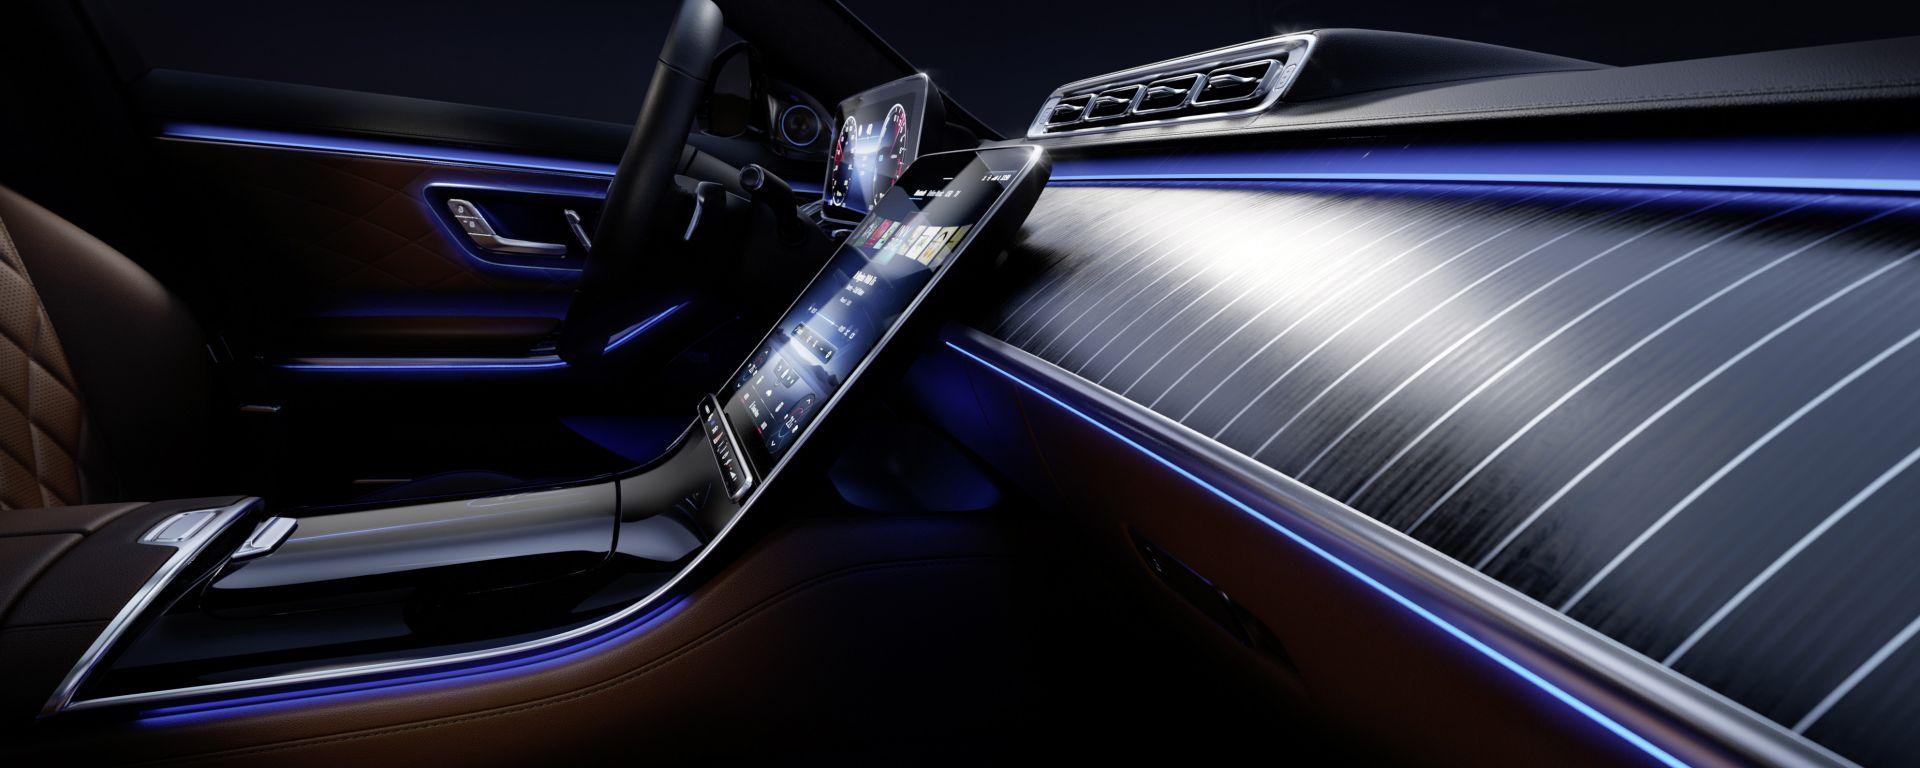 Mercedes Classe S 2021: la plancia